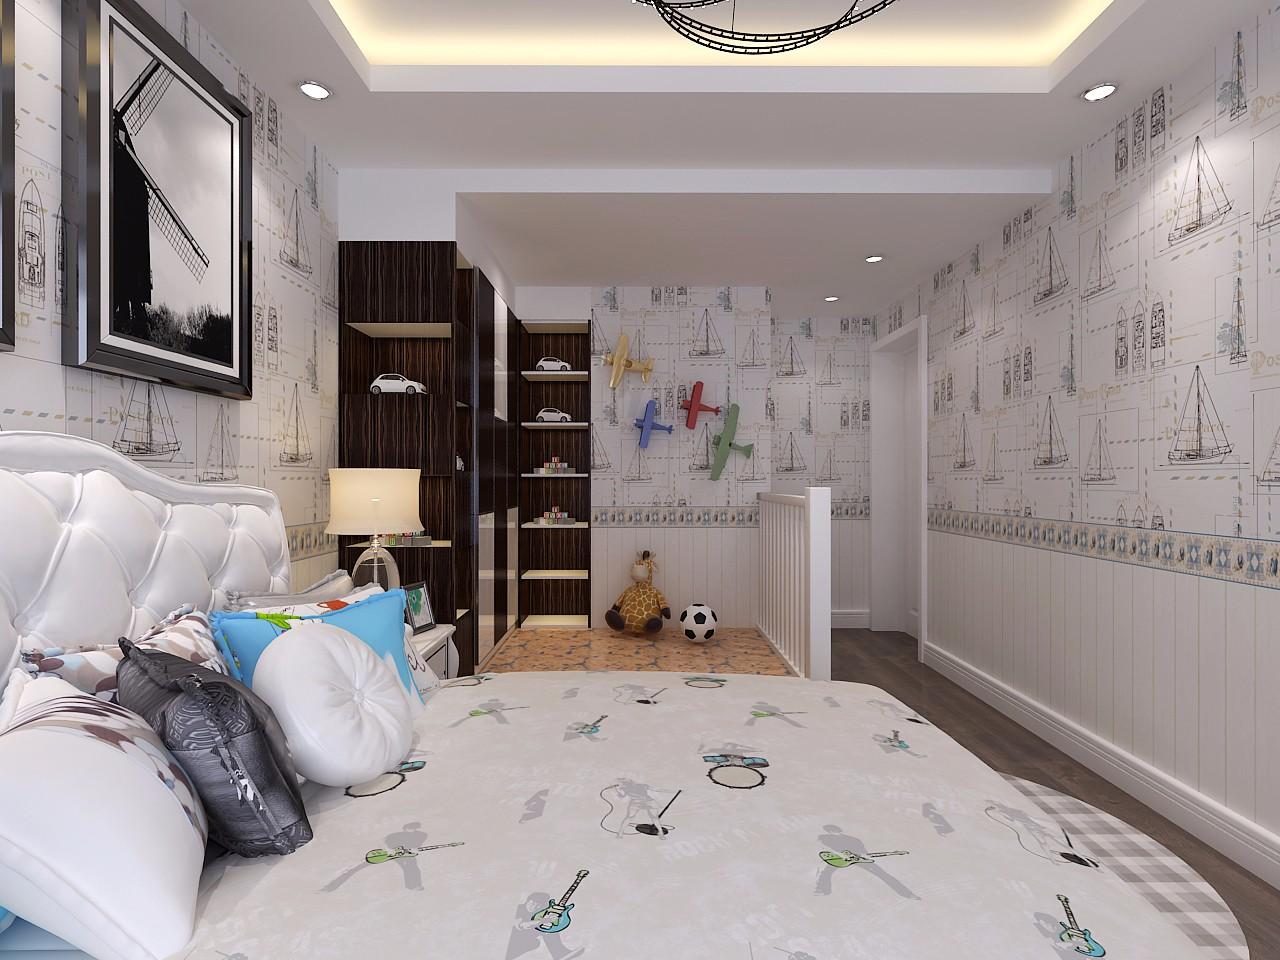 98㎡现代简约儿童房装修效果图